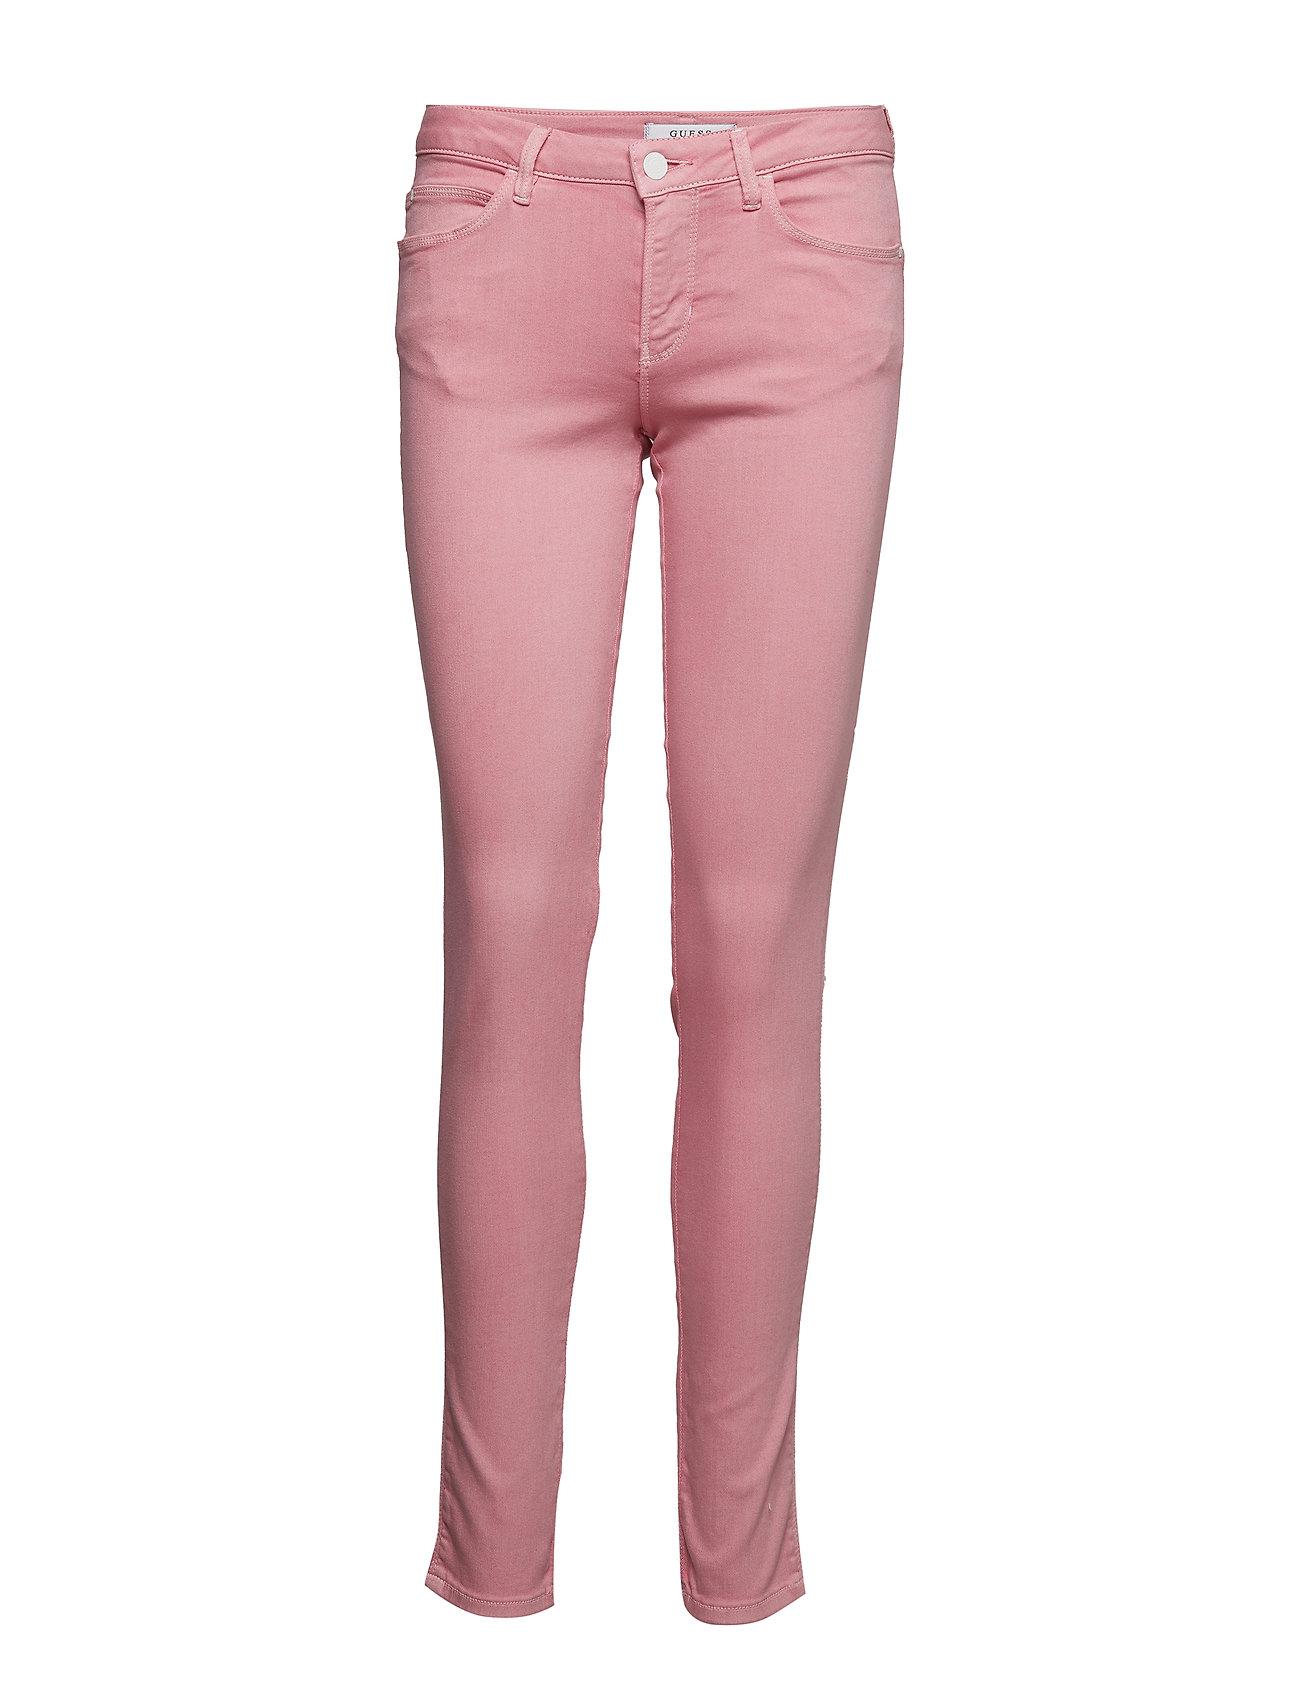 GUESS Jeans CURVE X - POP GUM PINK